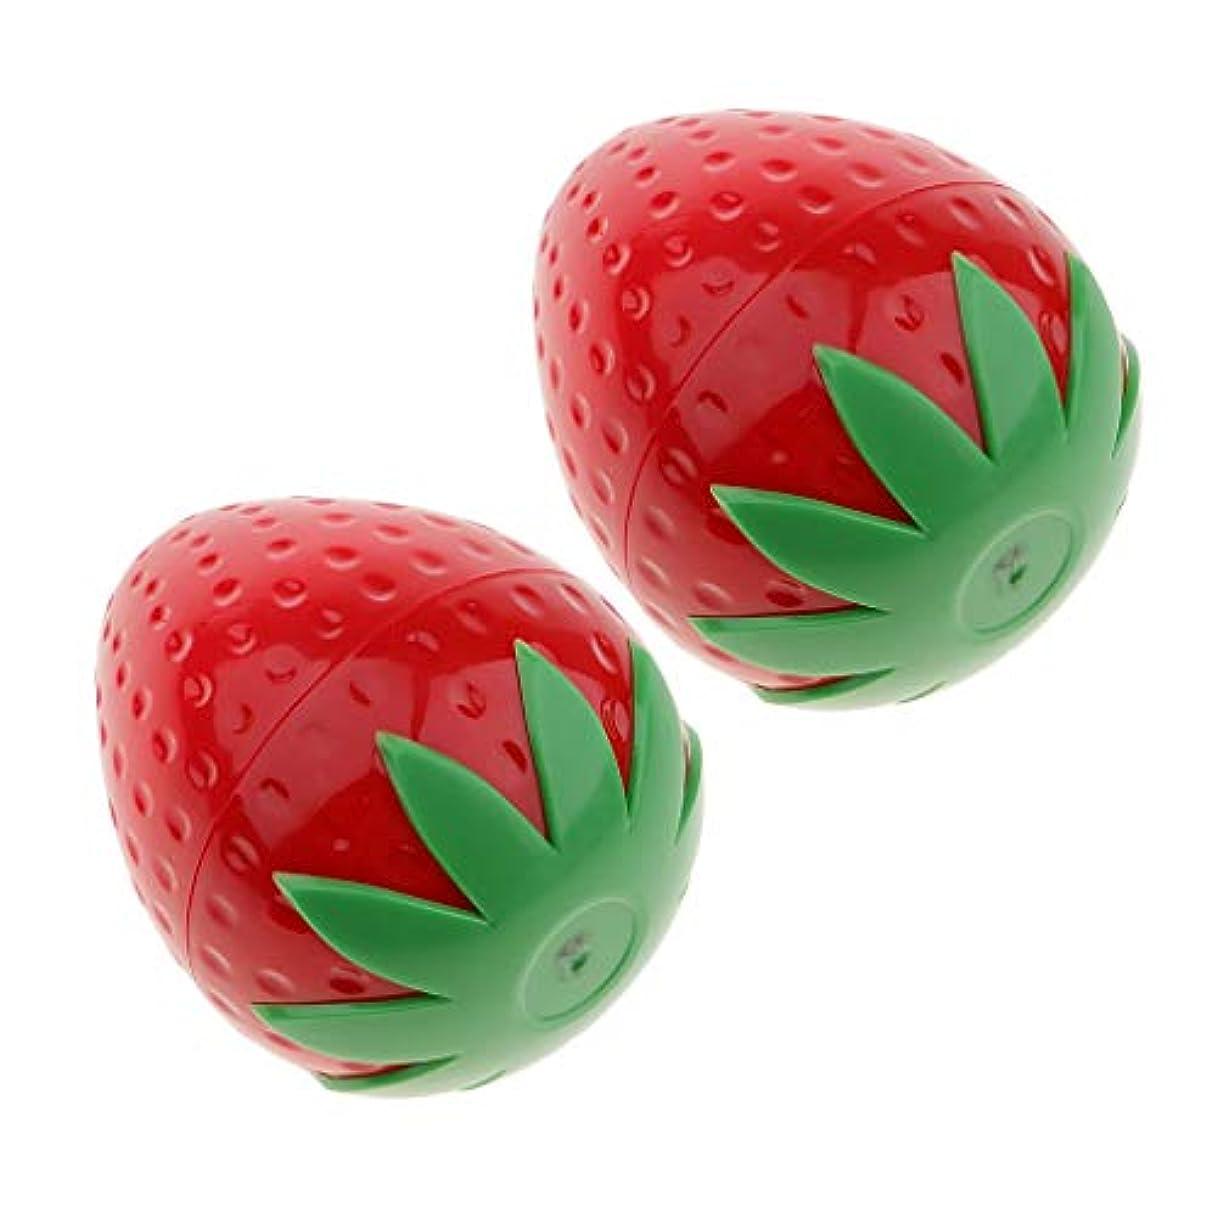 担当者骨アークIPOTCH 2個 コスメ 小分け用容器 可愛い フルーツタイプ 果物 化粧品容器 クリームジャー 5タイプ選べ - ストラベリー